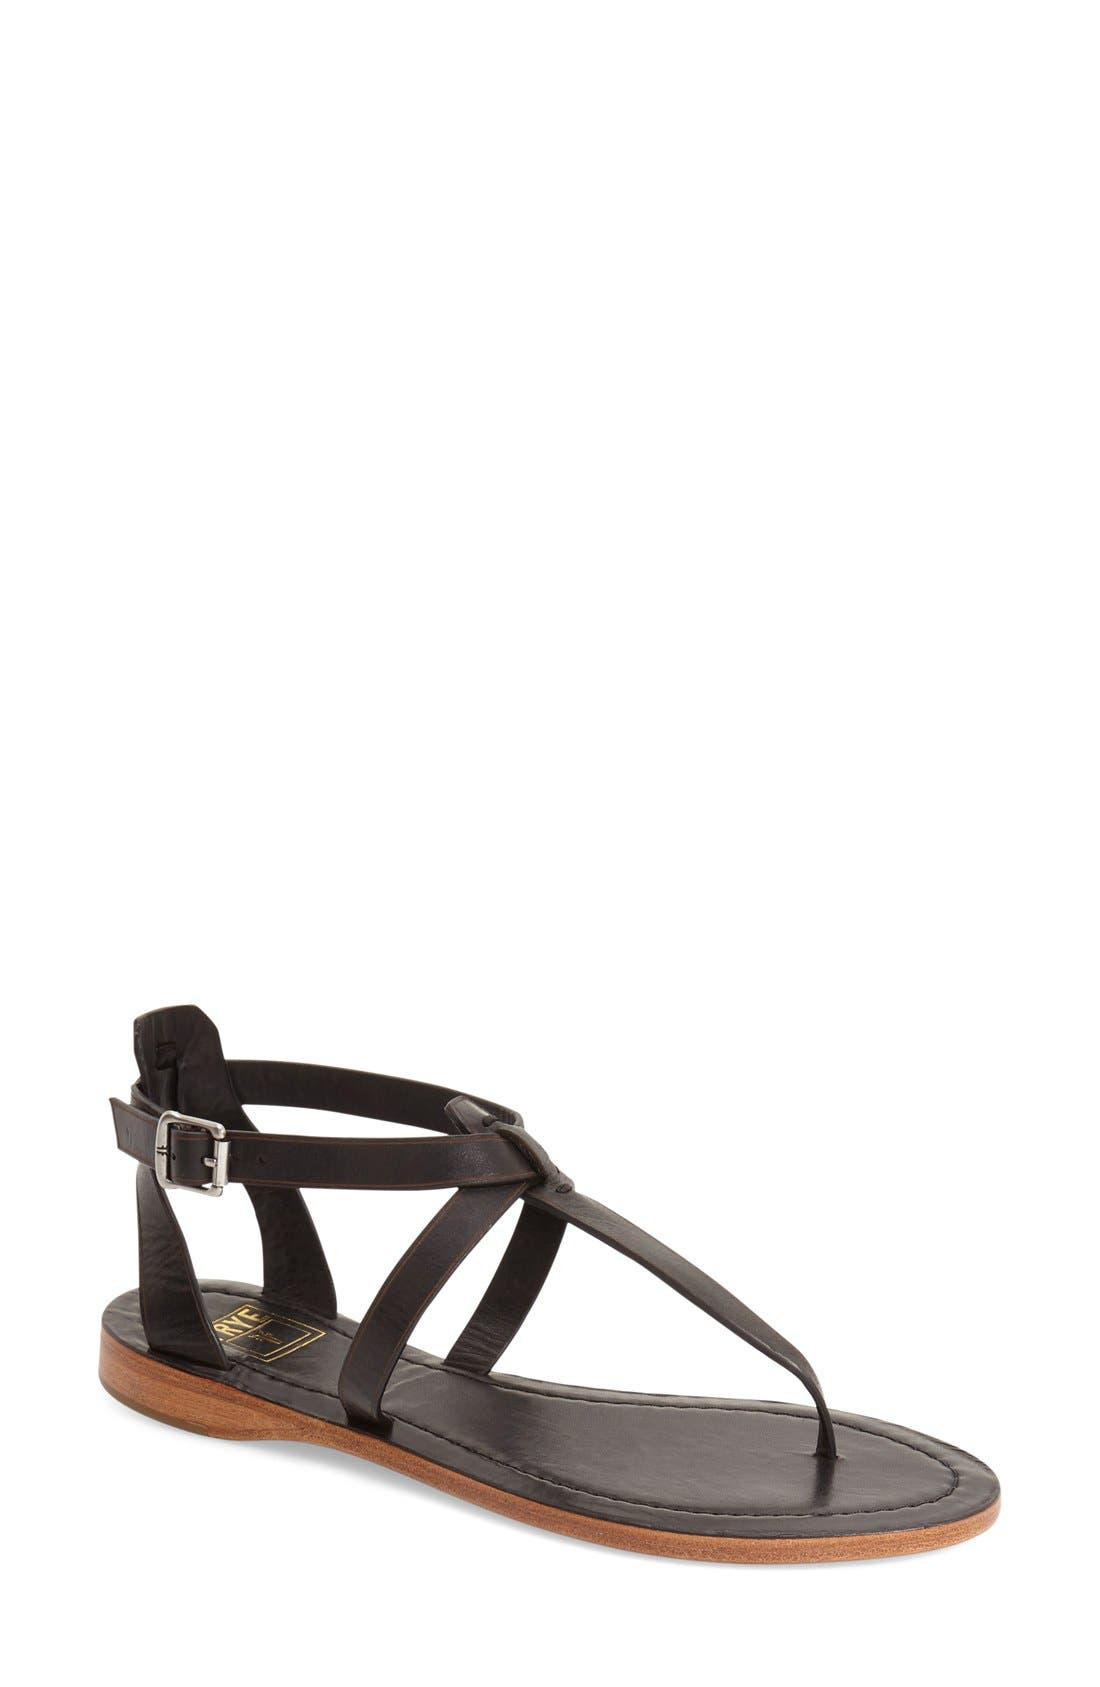 'Rachel' T-Strap Sandal,                             Main thumbnail 1, color,                             Black Leather